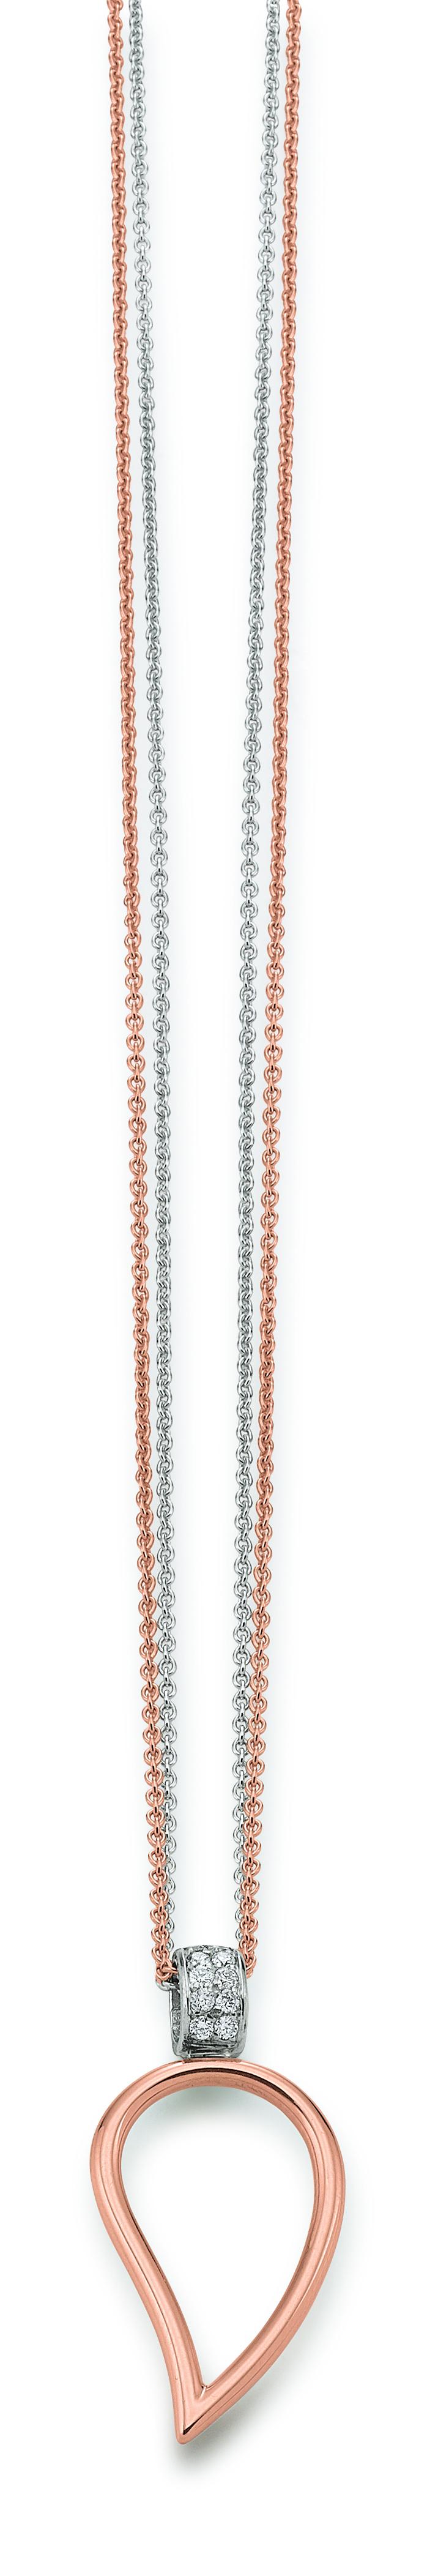 DoppelKette Weiß Rose 585 | 750 Anhänger Weiß Rose 585 | 750 mit Brillanten